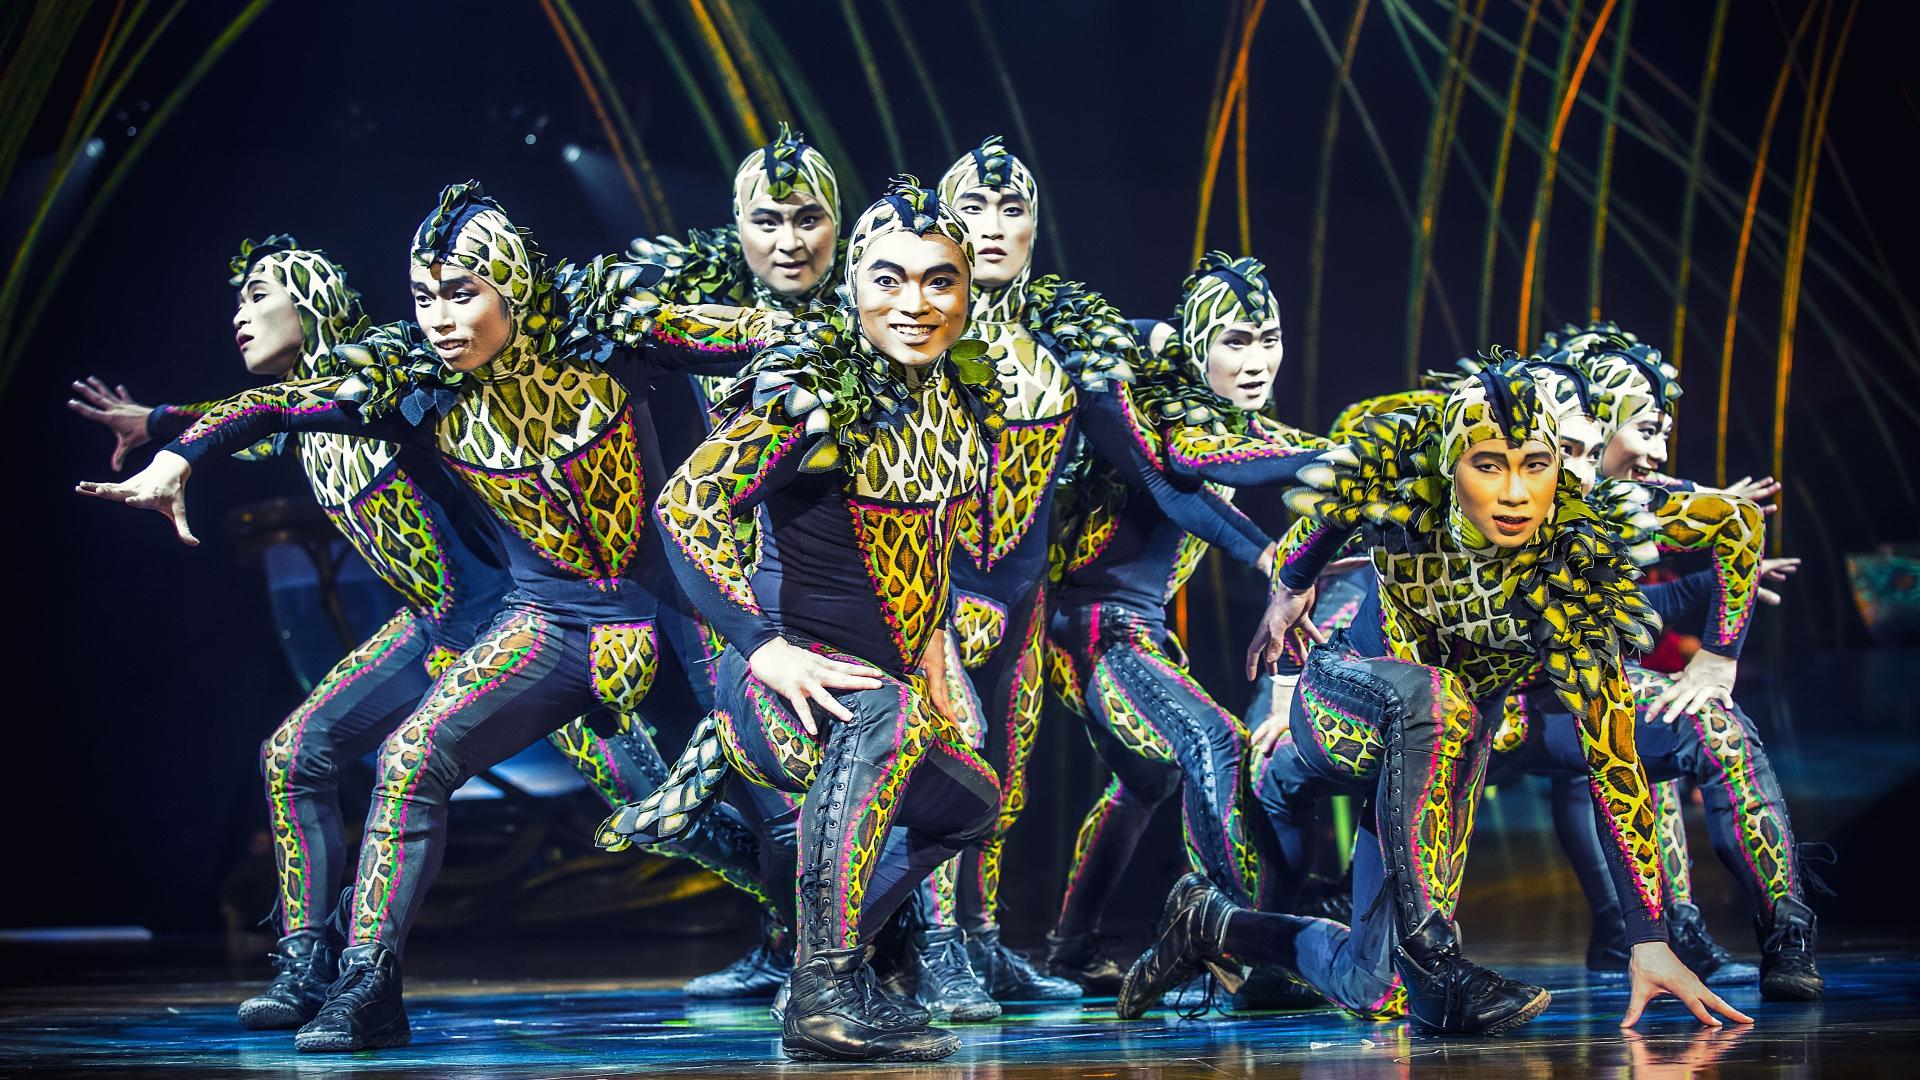 Regresa el cirque du soleil eventos y for Espectaculo circo de soleil